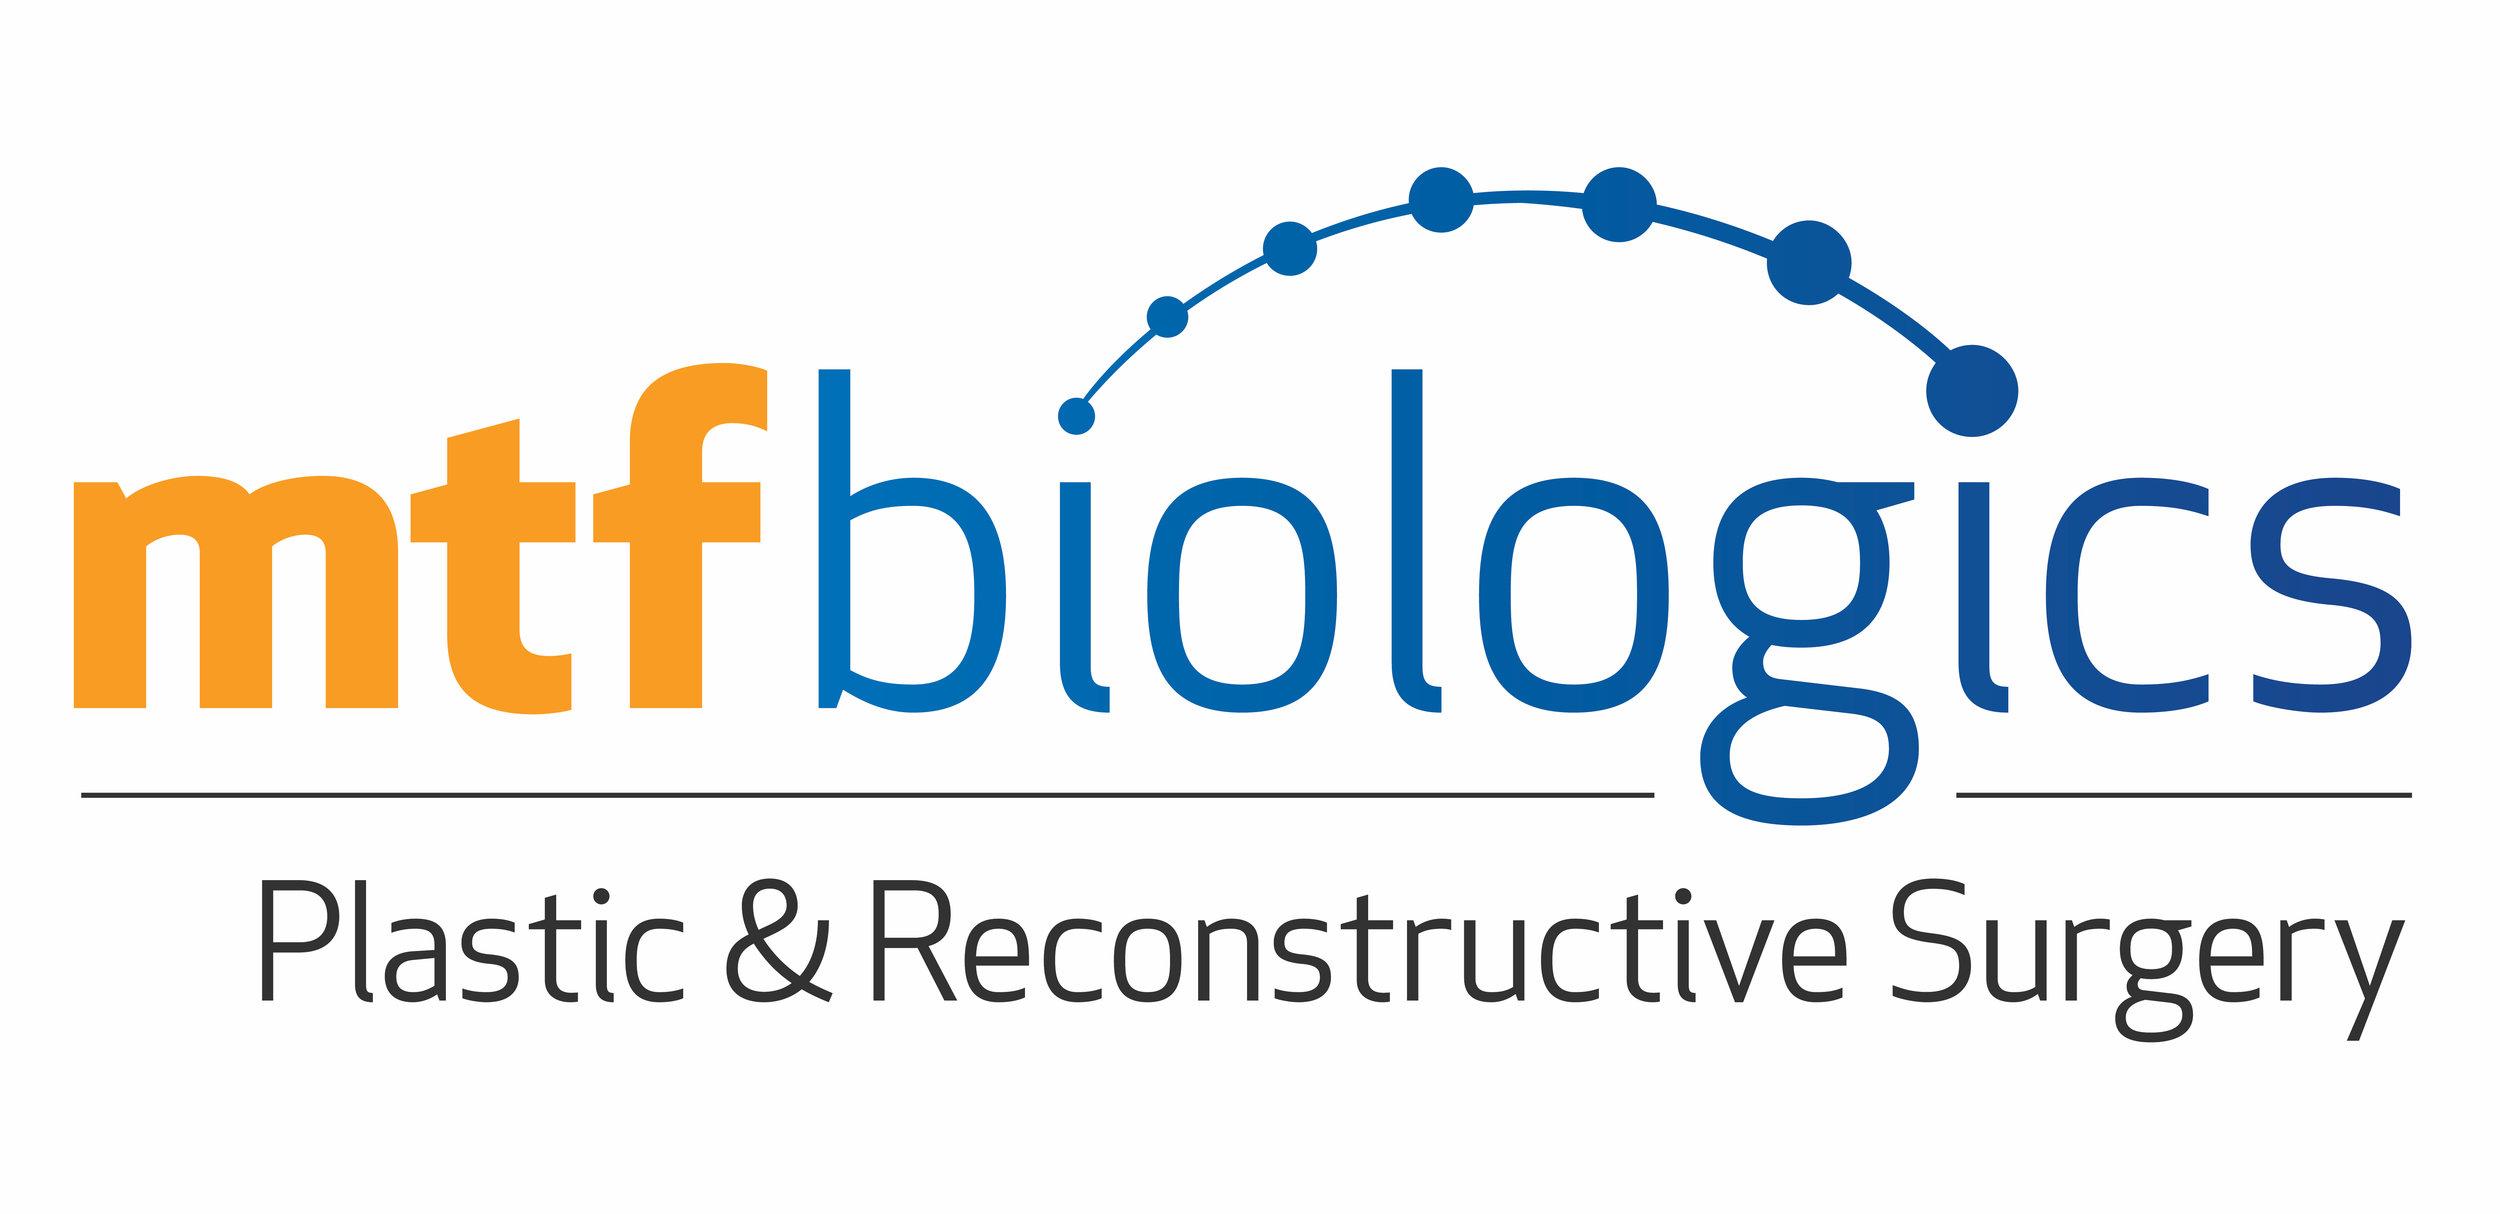 MTF-Biologics_PRS_color-01 (1).jpg